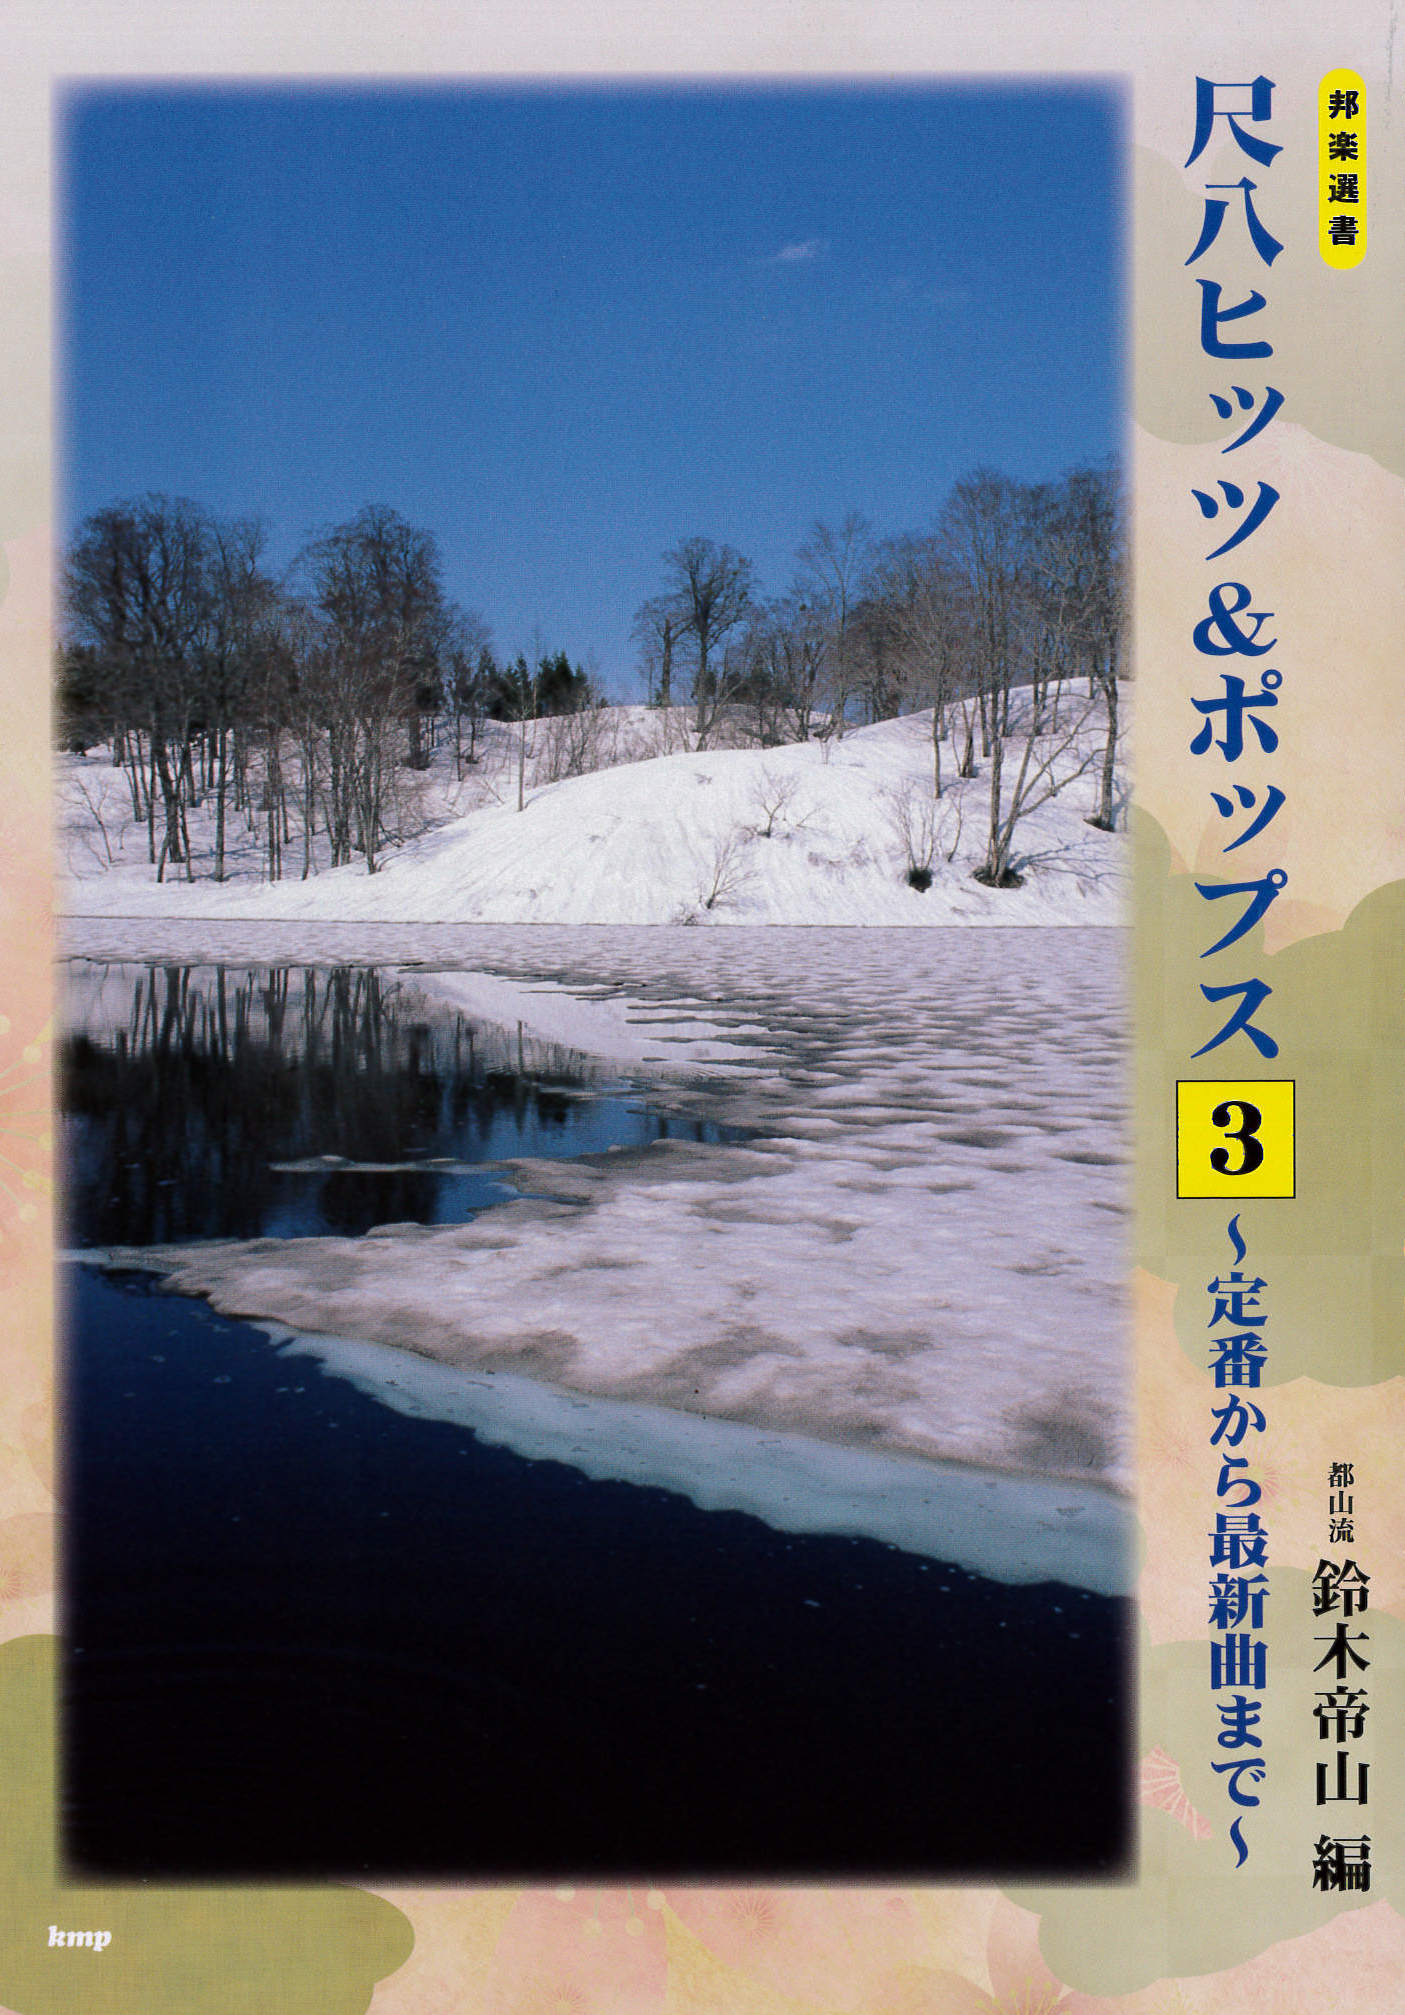 楽譜集 尺八ヒッツ&ポップス3 定番から最新曲まで[5687]